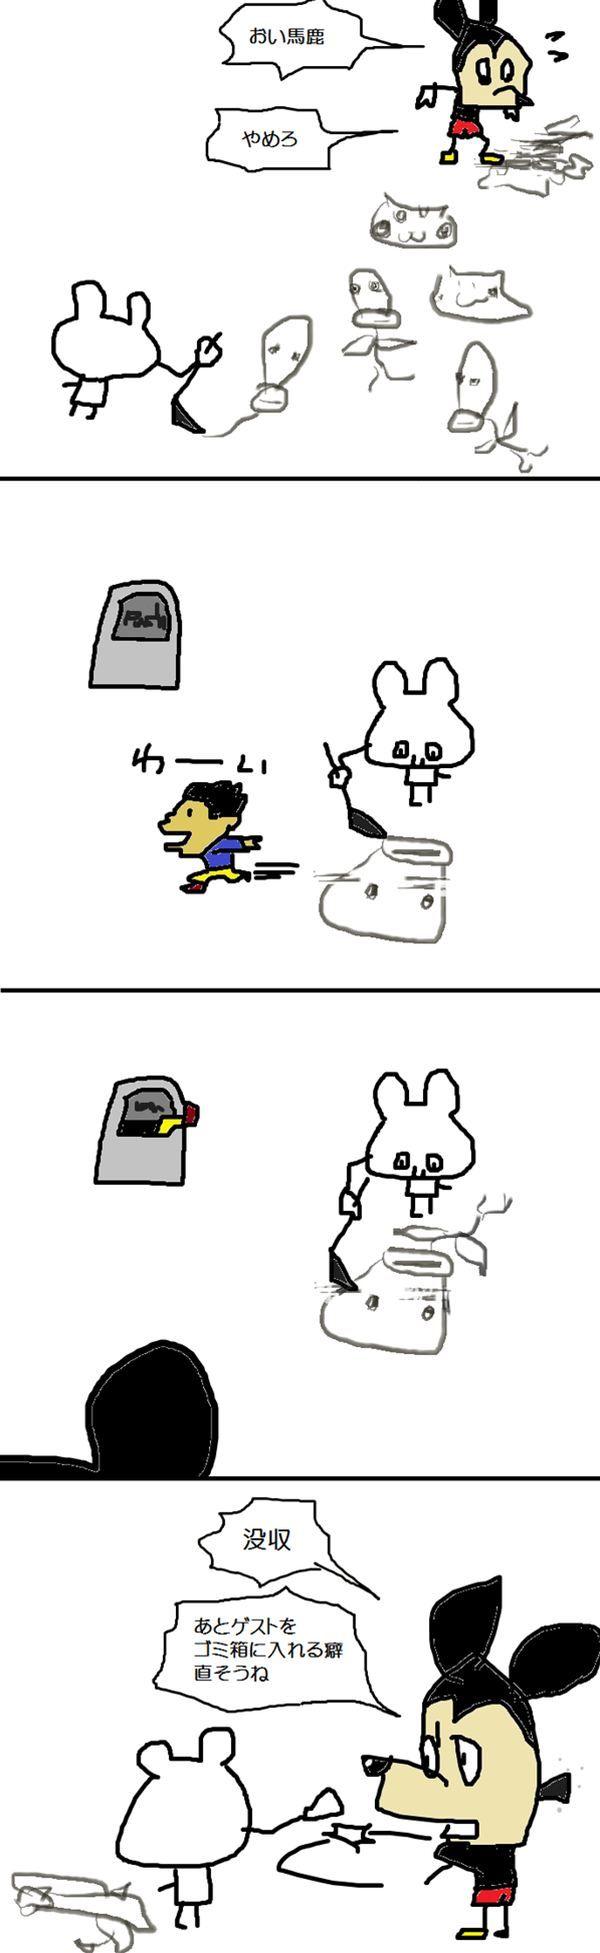 353退屈先生-●ッキー